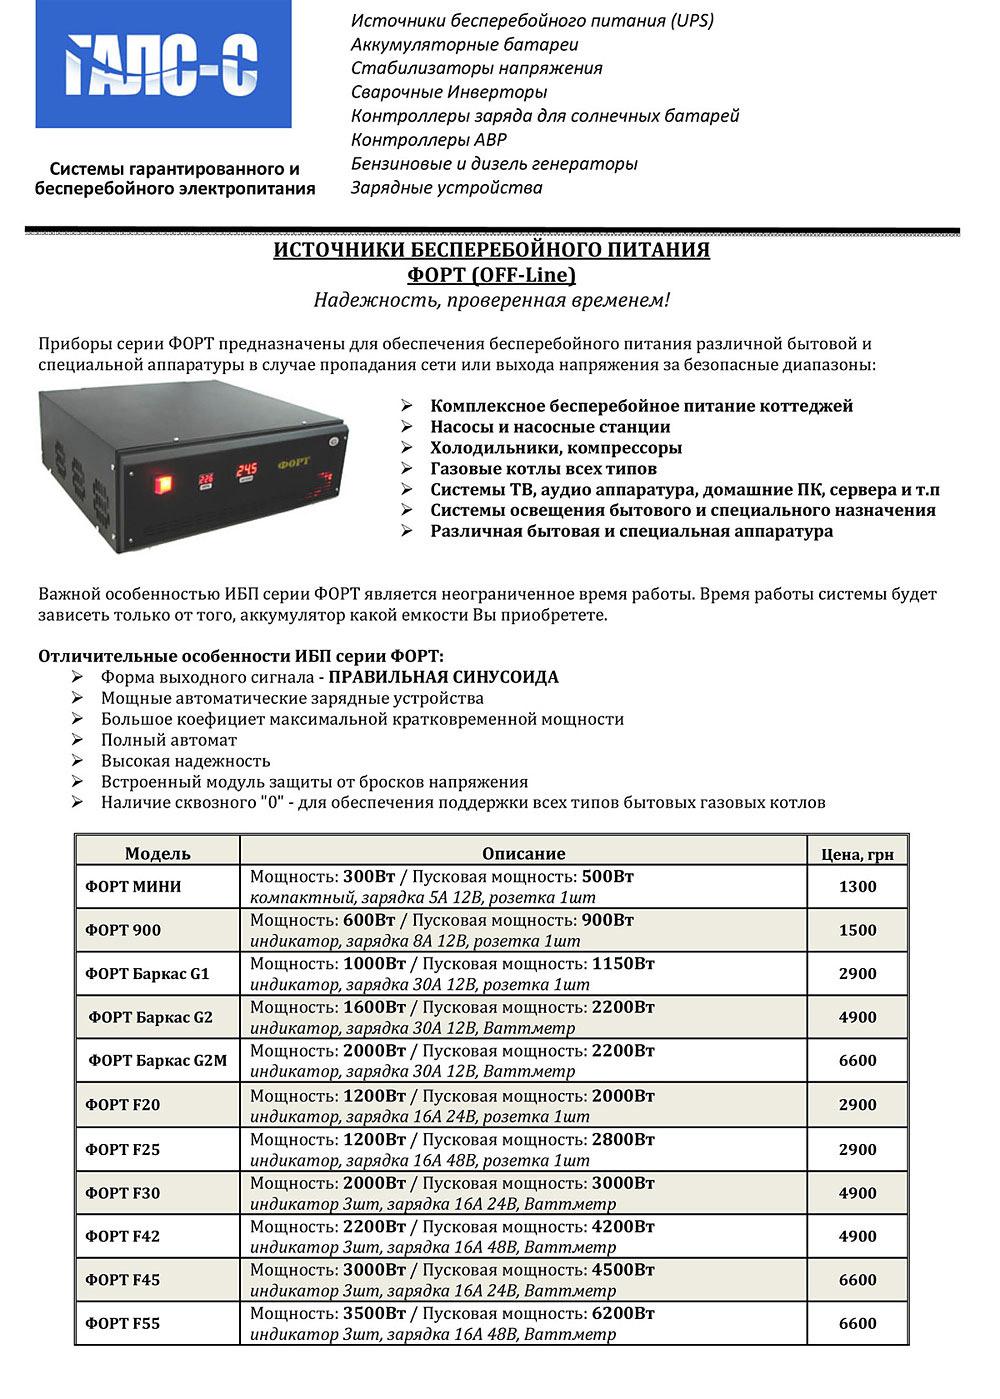 эпс конденсаторов, эл. схема